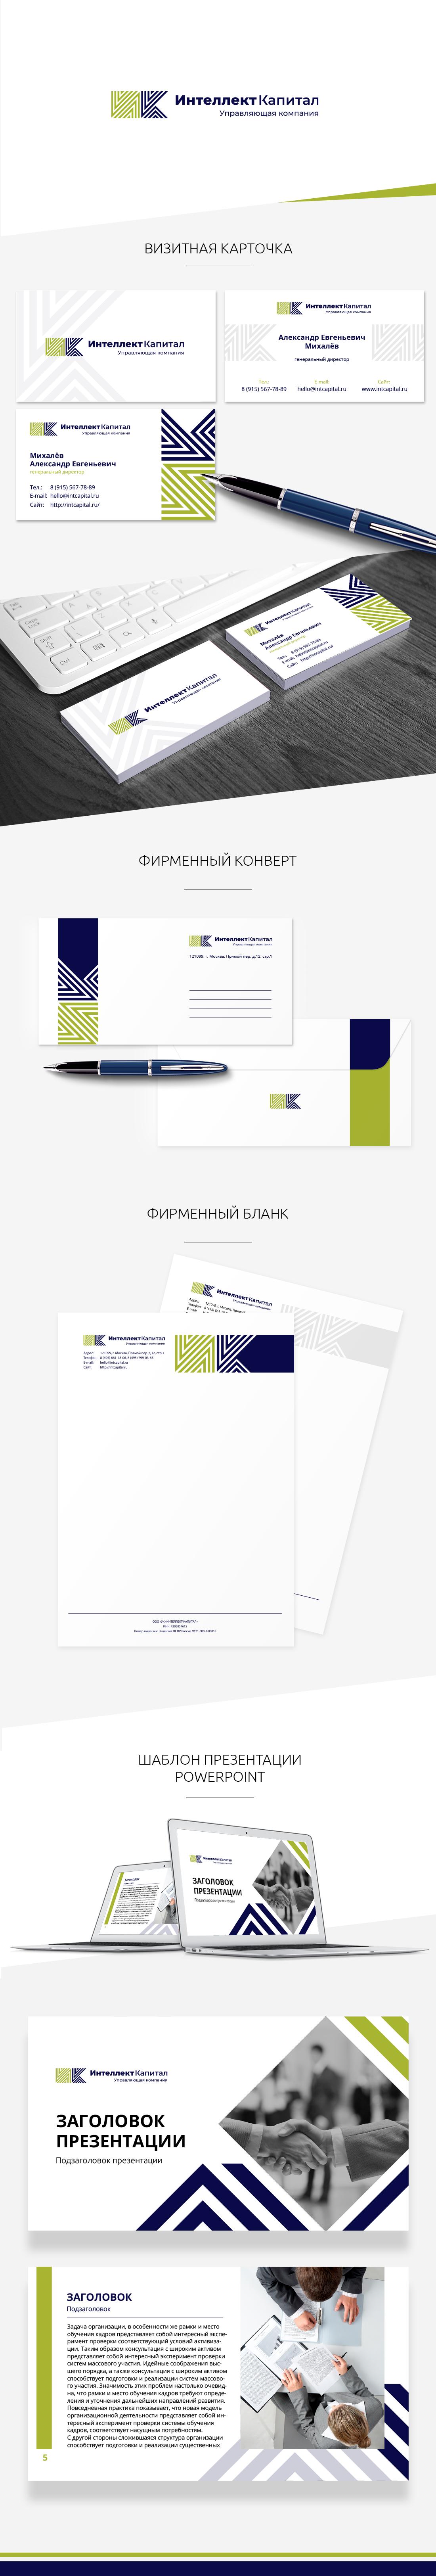 ИНТЕЛЛЕКТ-КАПИТАЛ - управление финансами, управление и запуск бизнесов